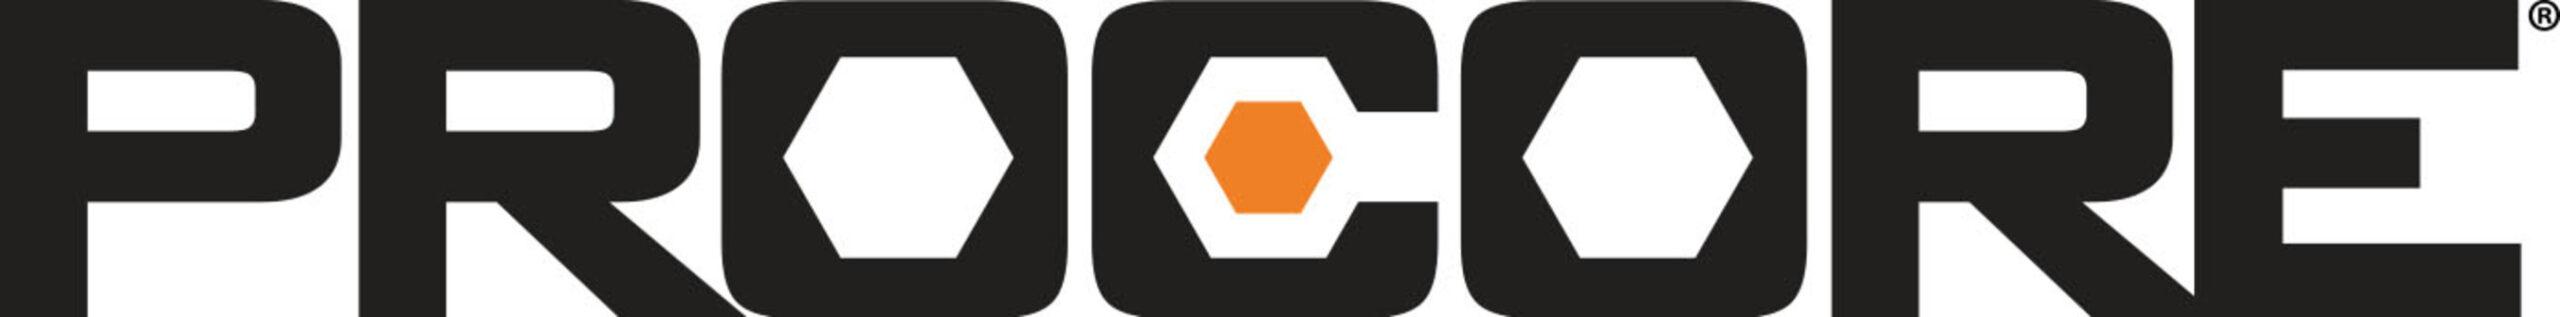 IPO Procore Technologies